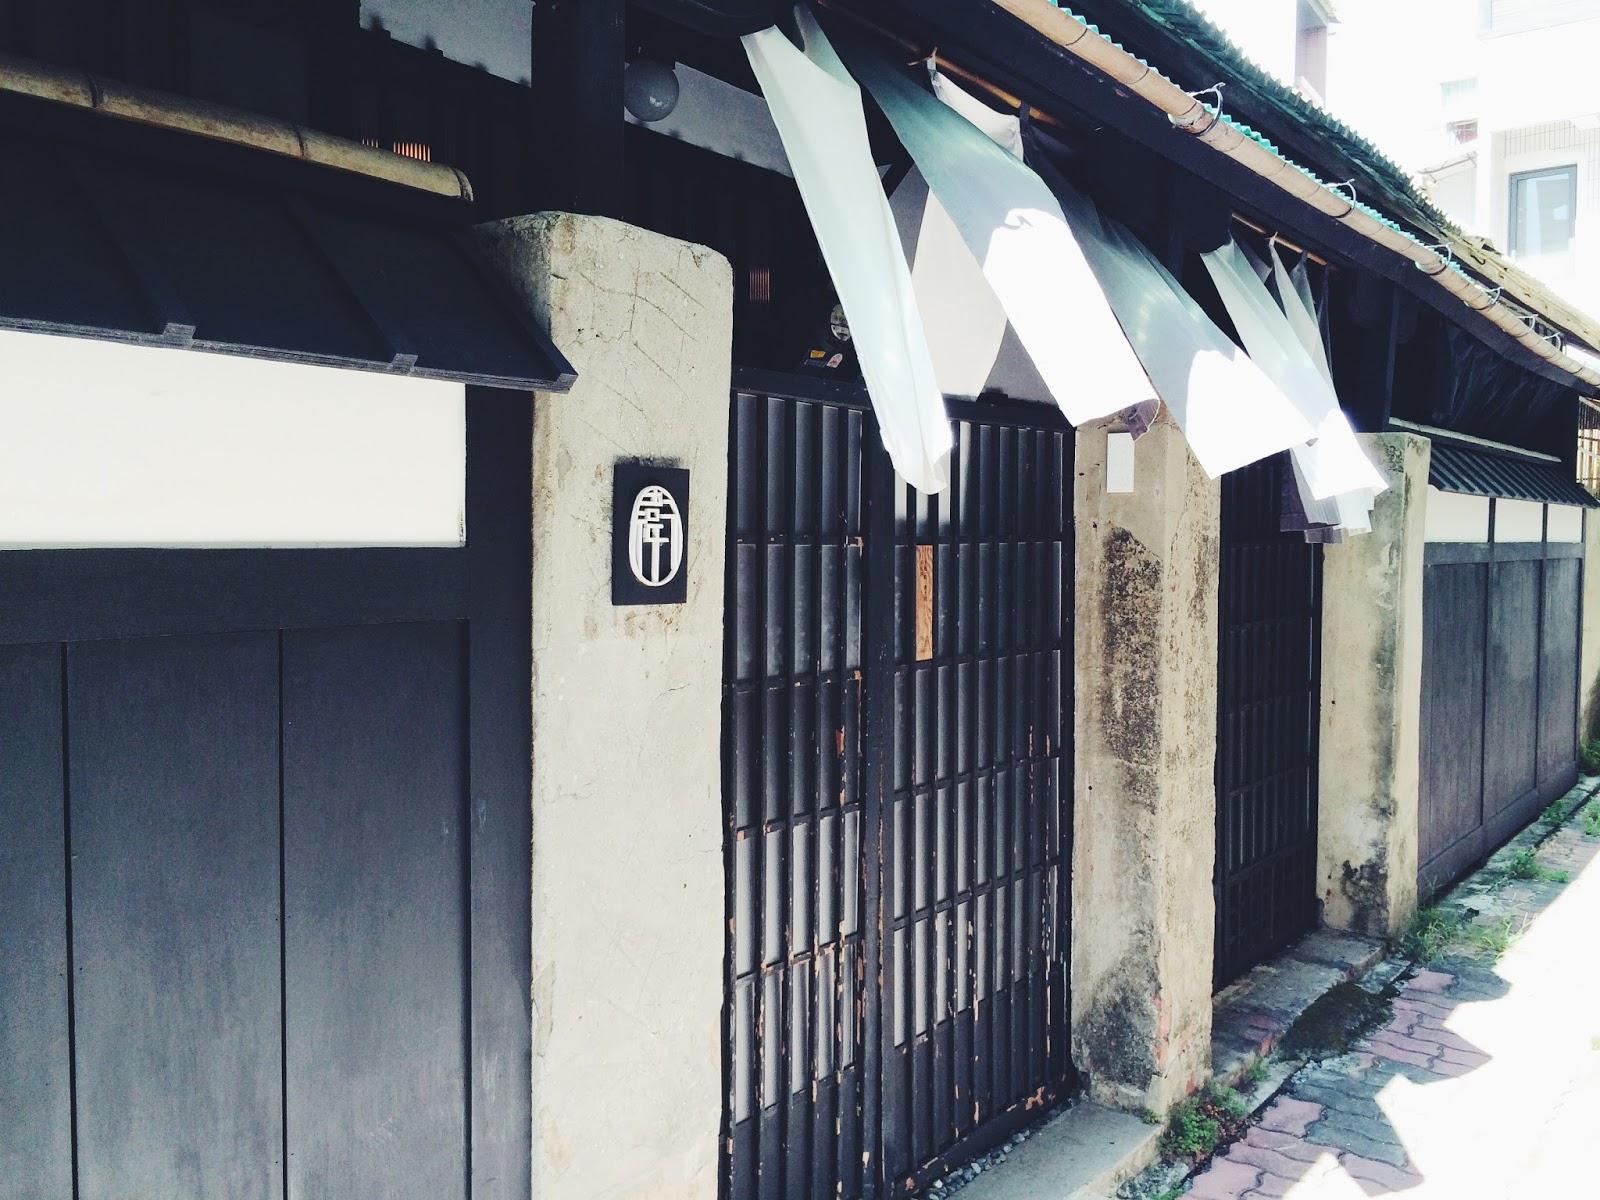 午後|如沐京都的雅緻氛圍-台南衛屋茶事